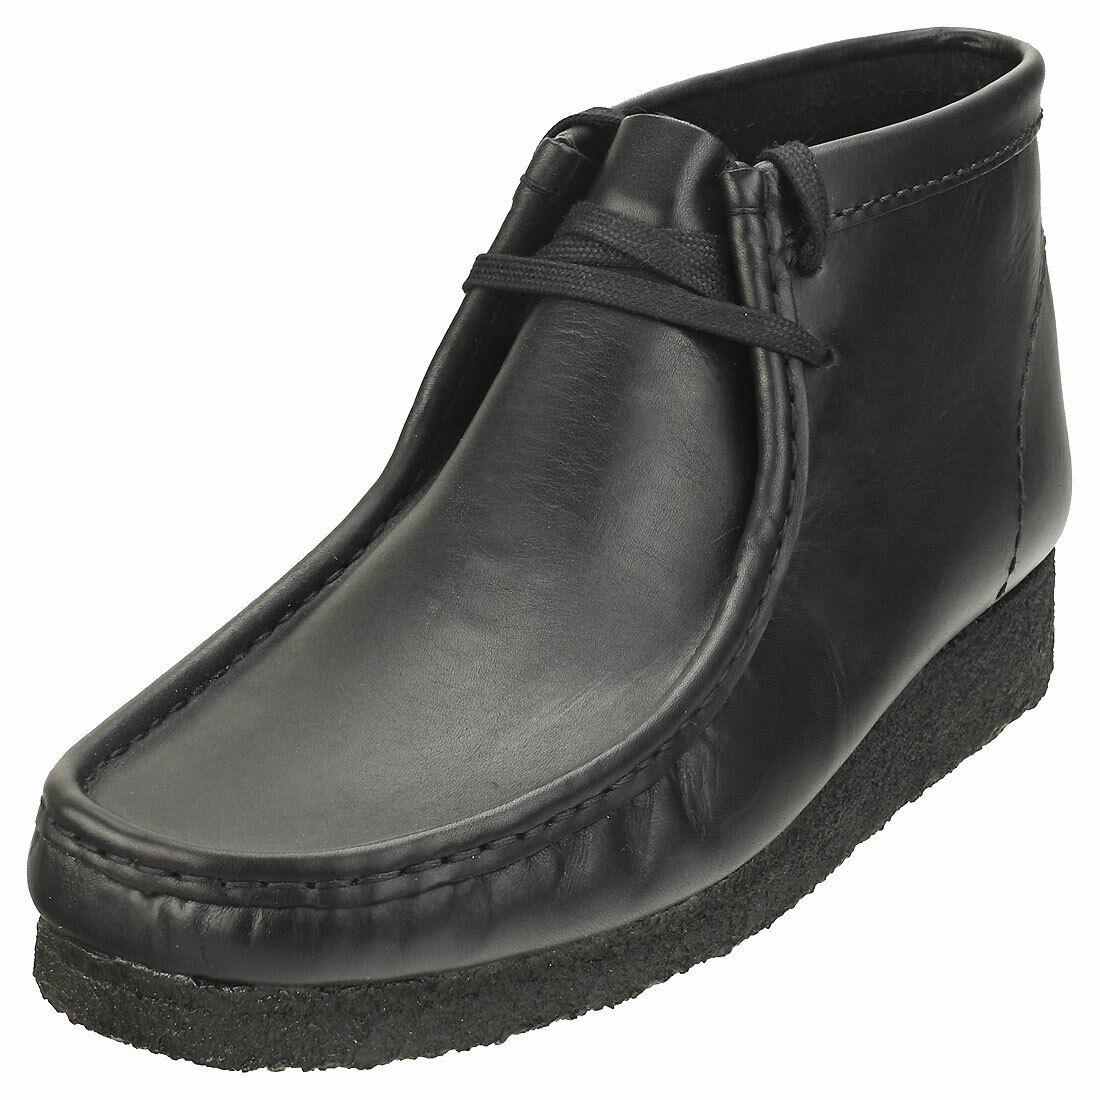 Clarks Originals Wallabee Boot Mens Black Wallabee Boots - 11 UK